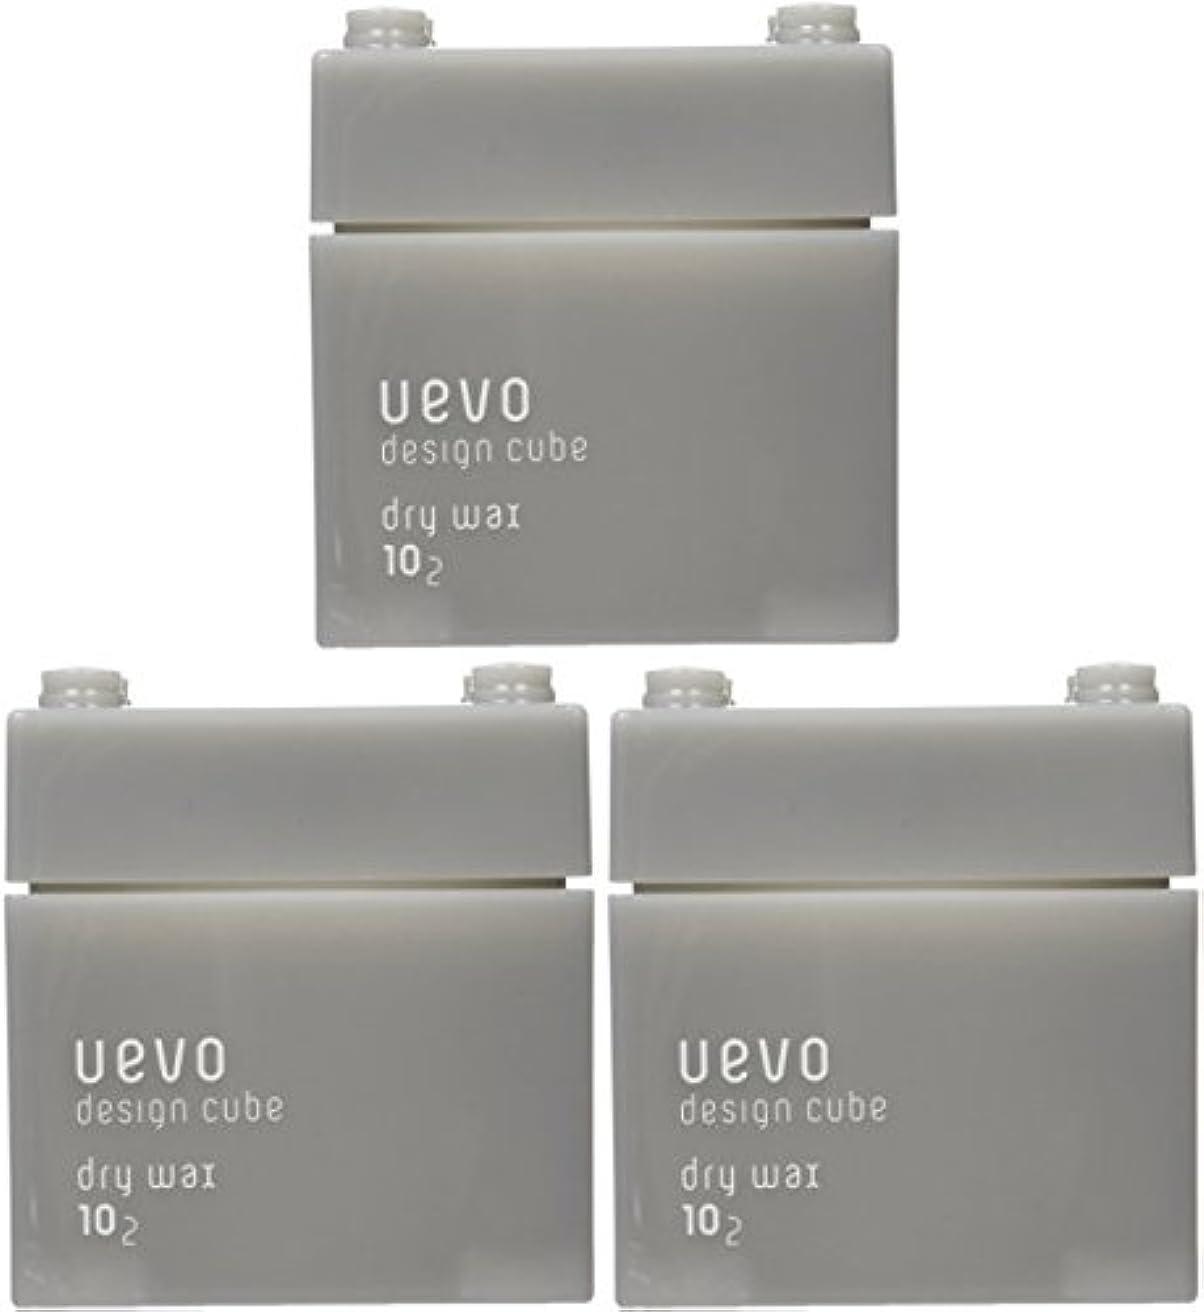 許容できるぼかす相手【X3個セット】 デミ ウェーボ デザインキューブ ドライワックス 80g dry wax DEMI uevo design cube